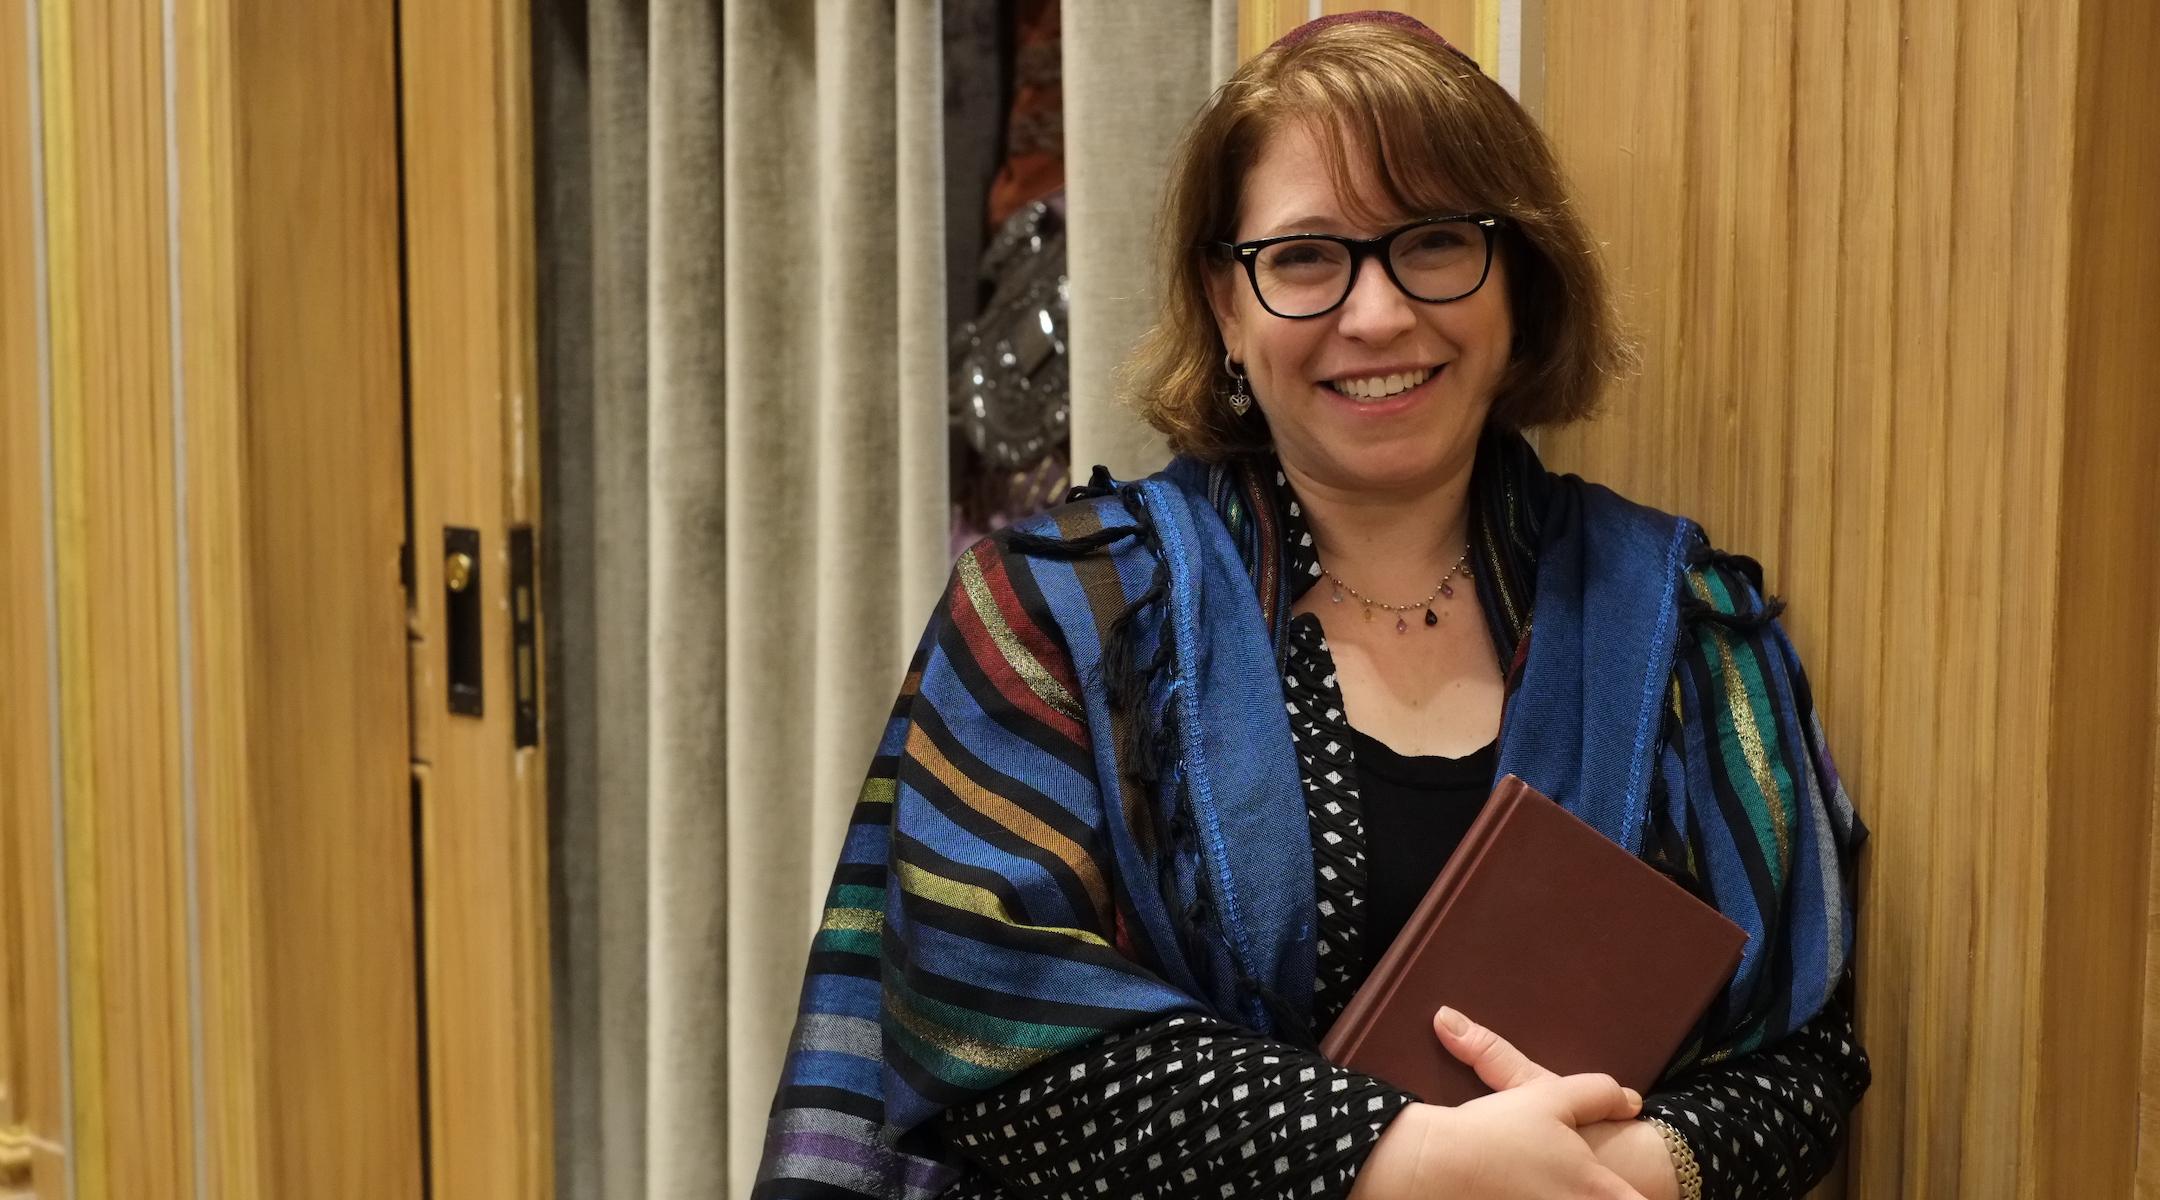 Rabbi Lauren Grabelle Herrmann